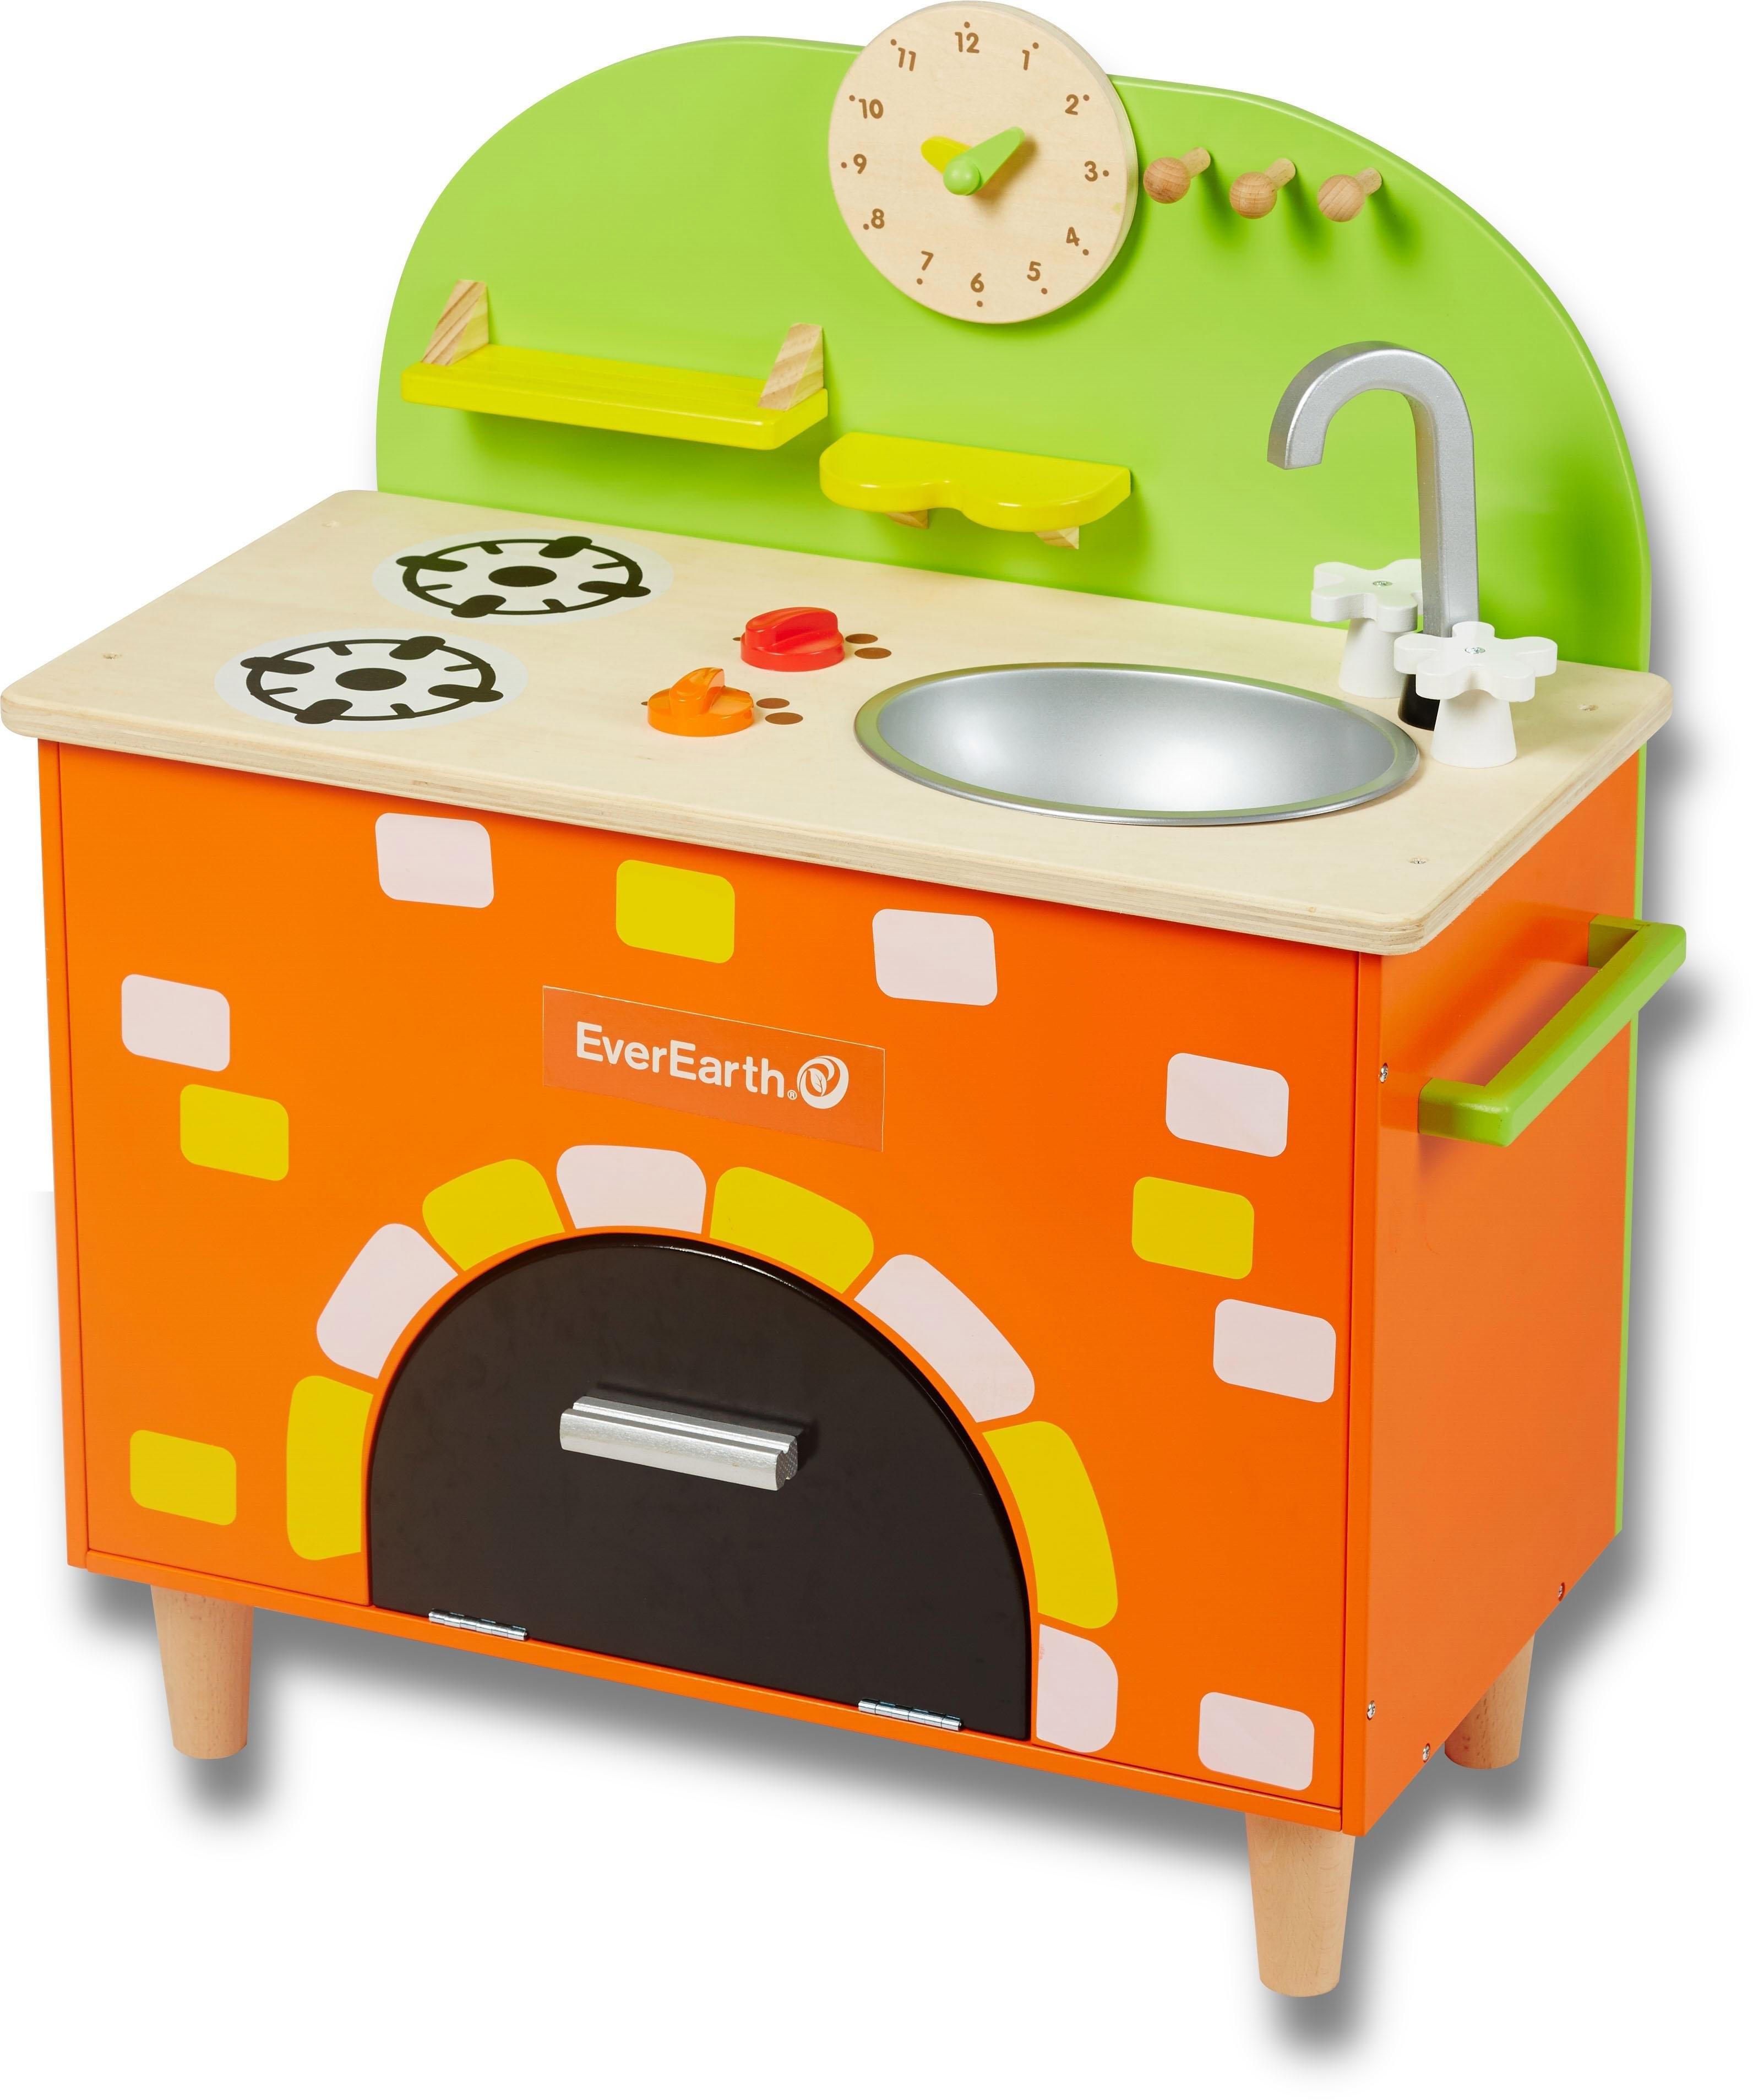 Everearth ® speelkeukentje, hout goedkoop op otto.nl kopen